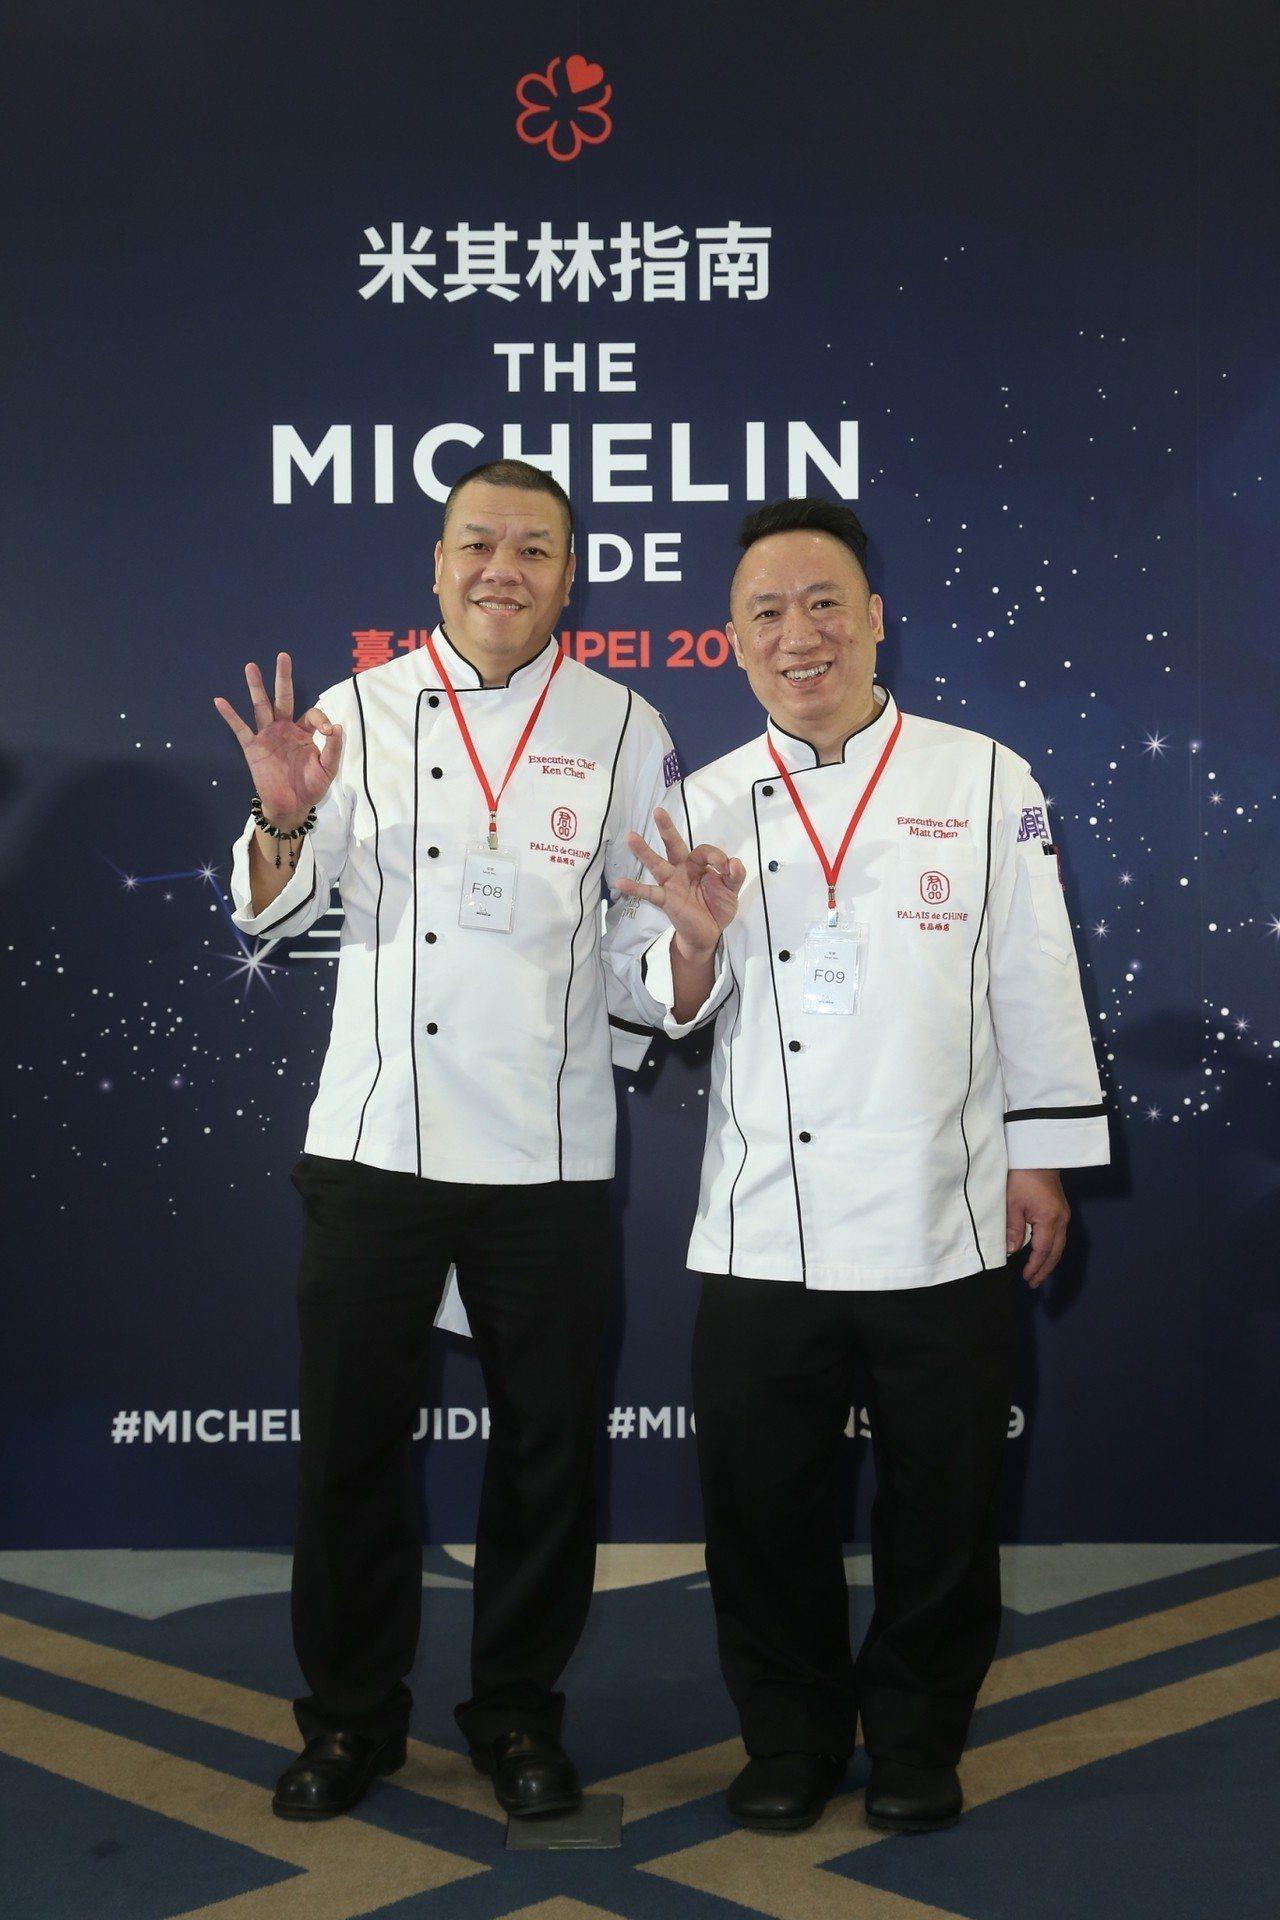 頤宮中餐廳雙主廚陳偉強(左)與陳泰榮連袂上台領獎。記者陳立凱/攝影